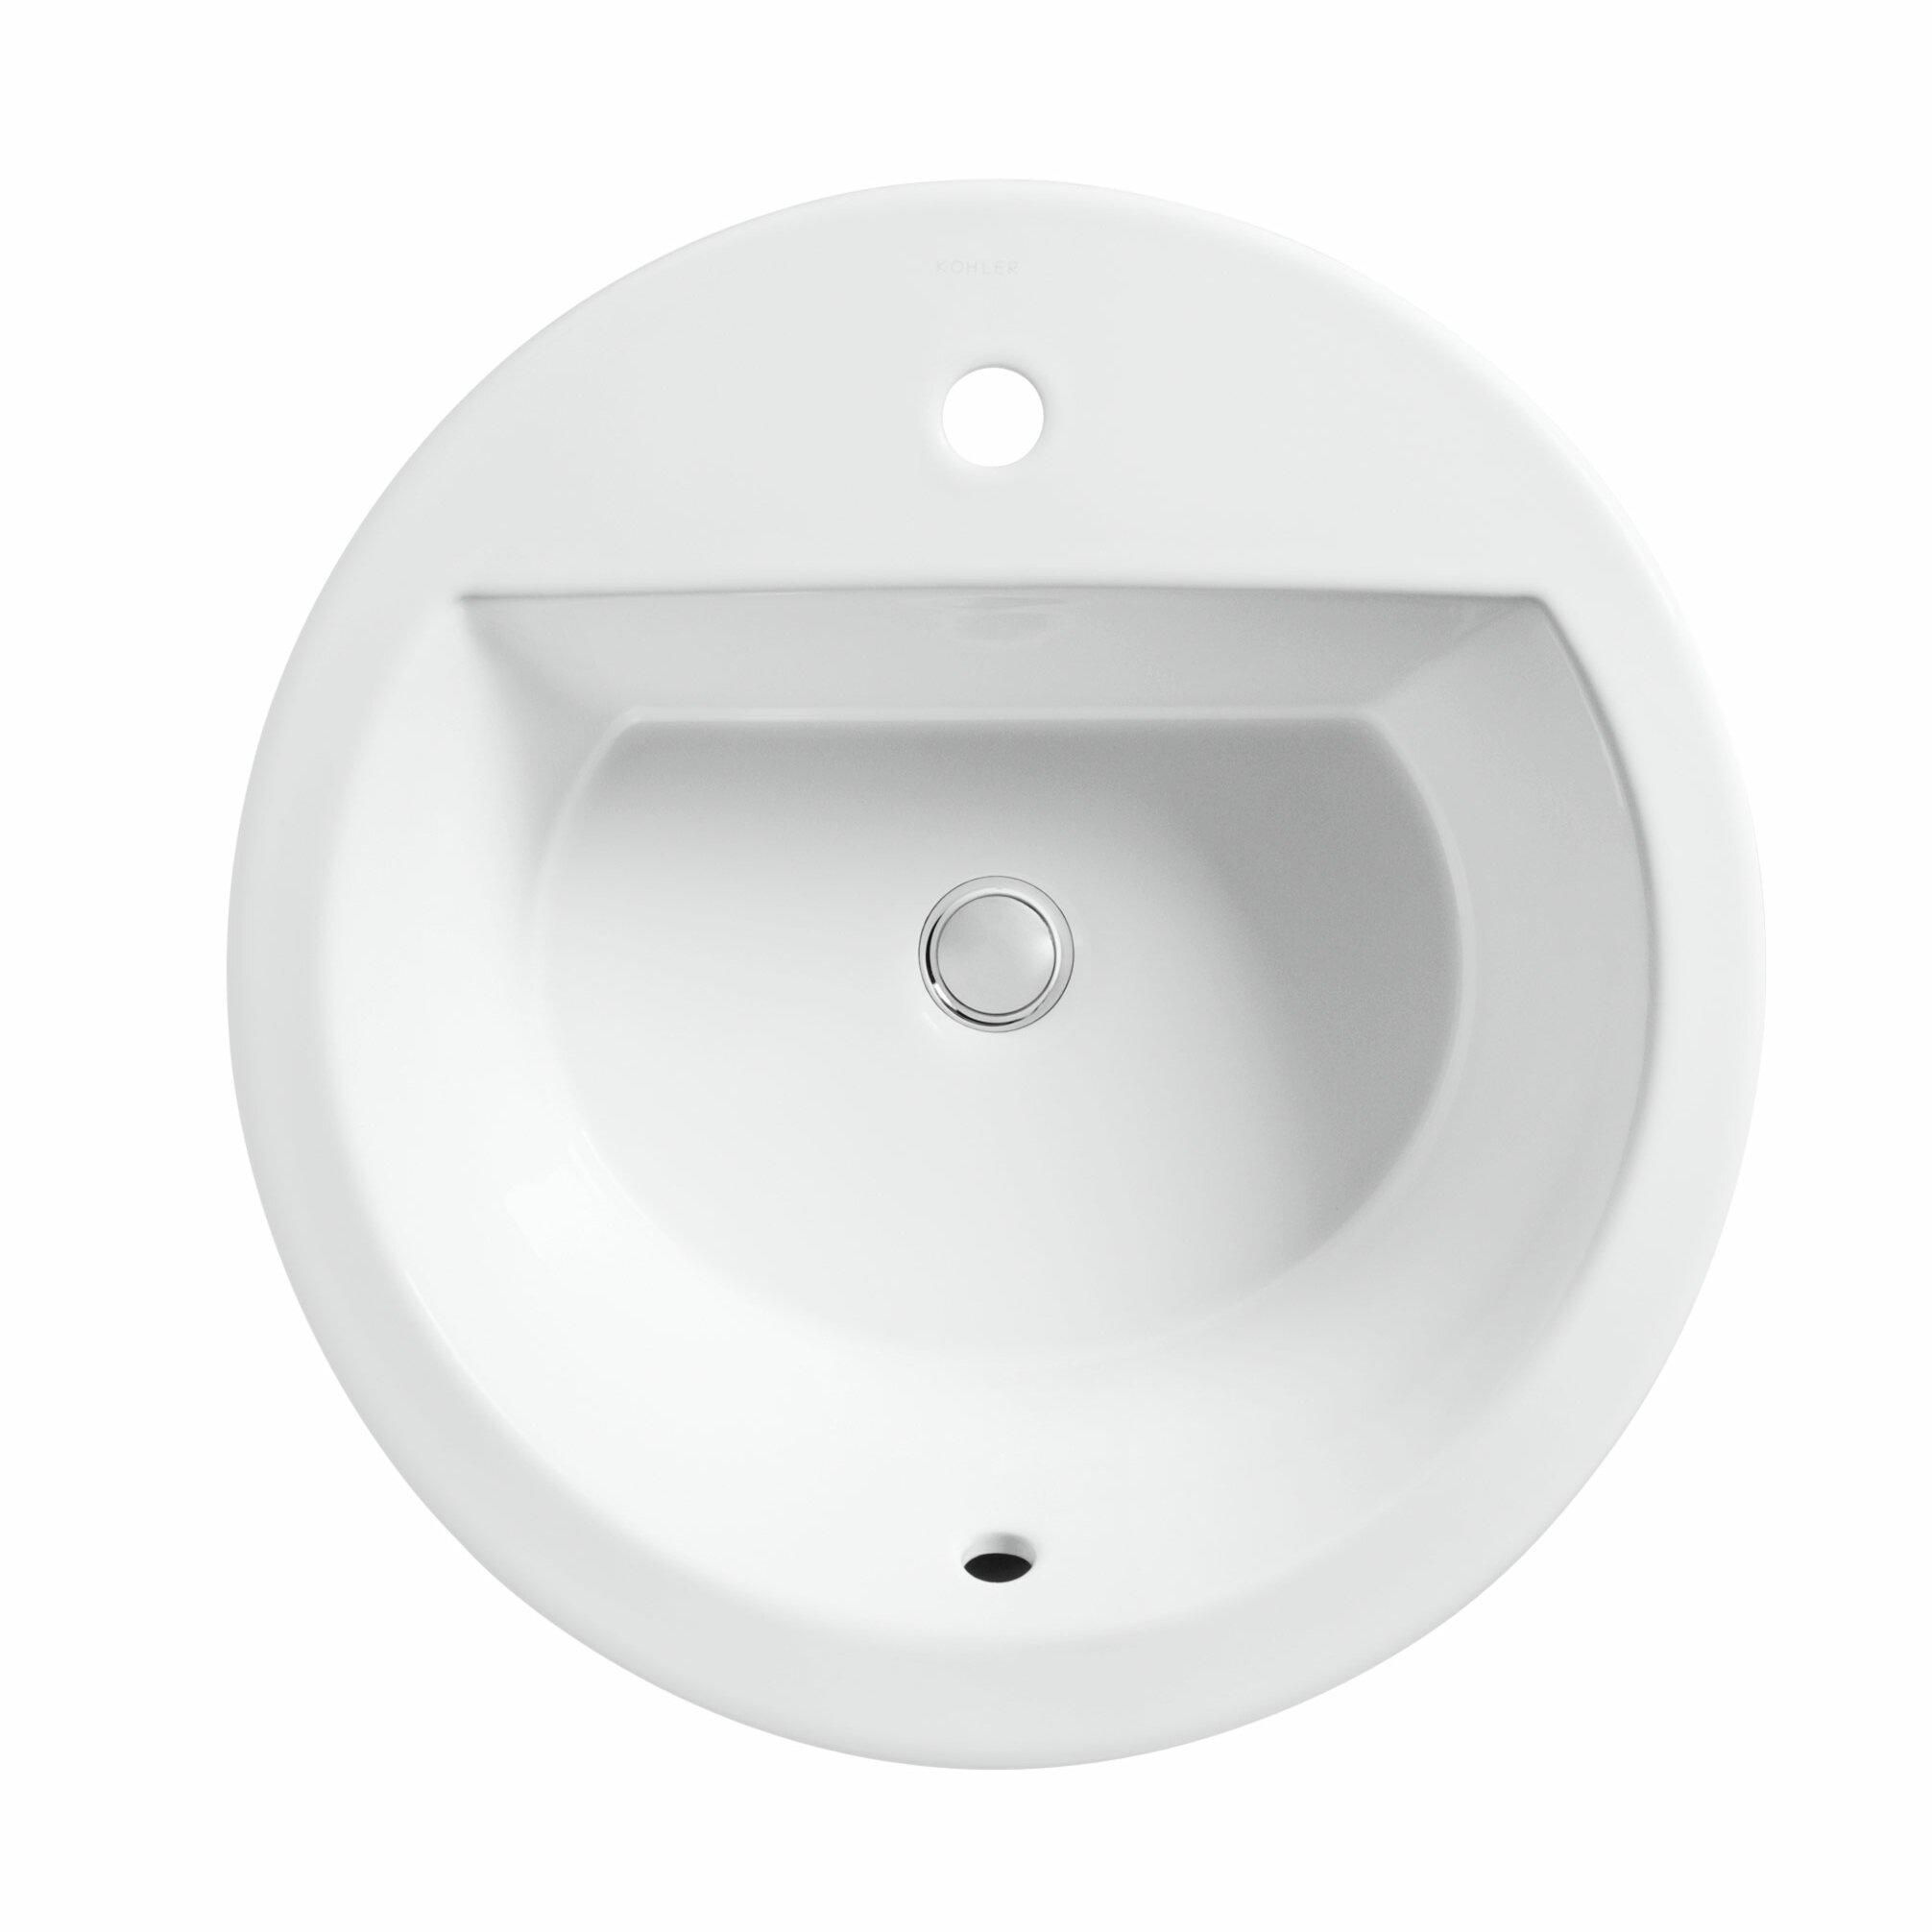 Kohler Bryant Round Drop In Bathroom Sink Amp Reviews Wayfair